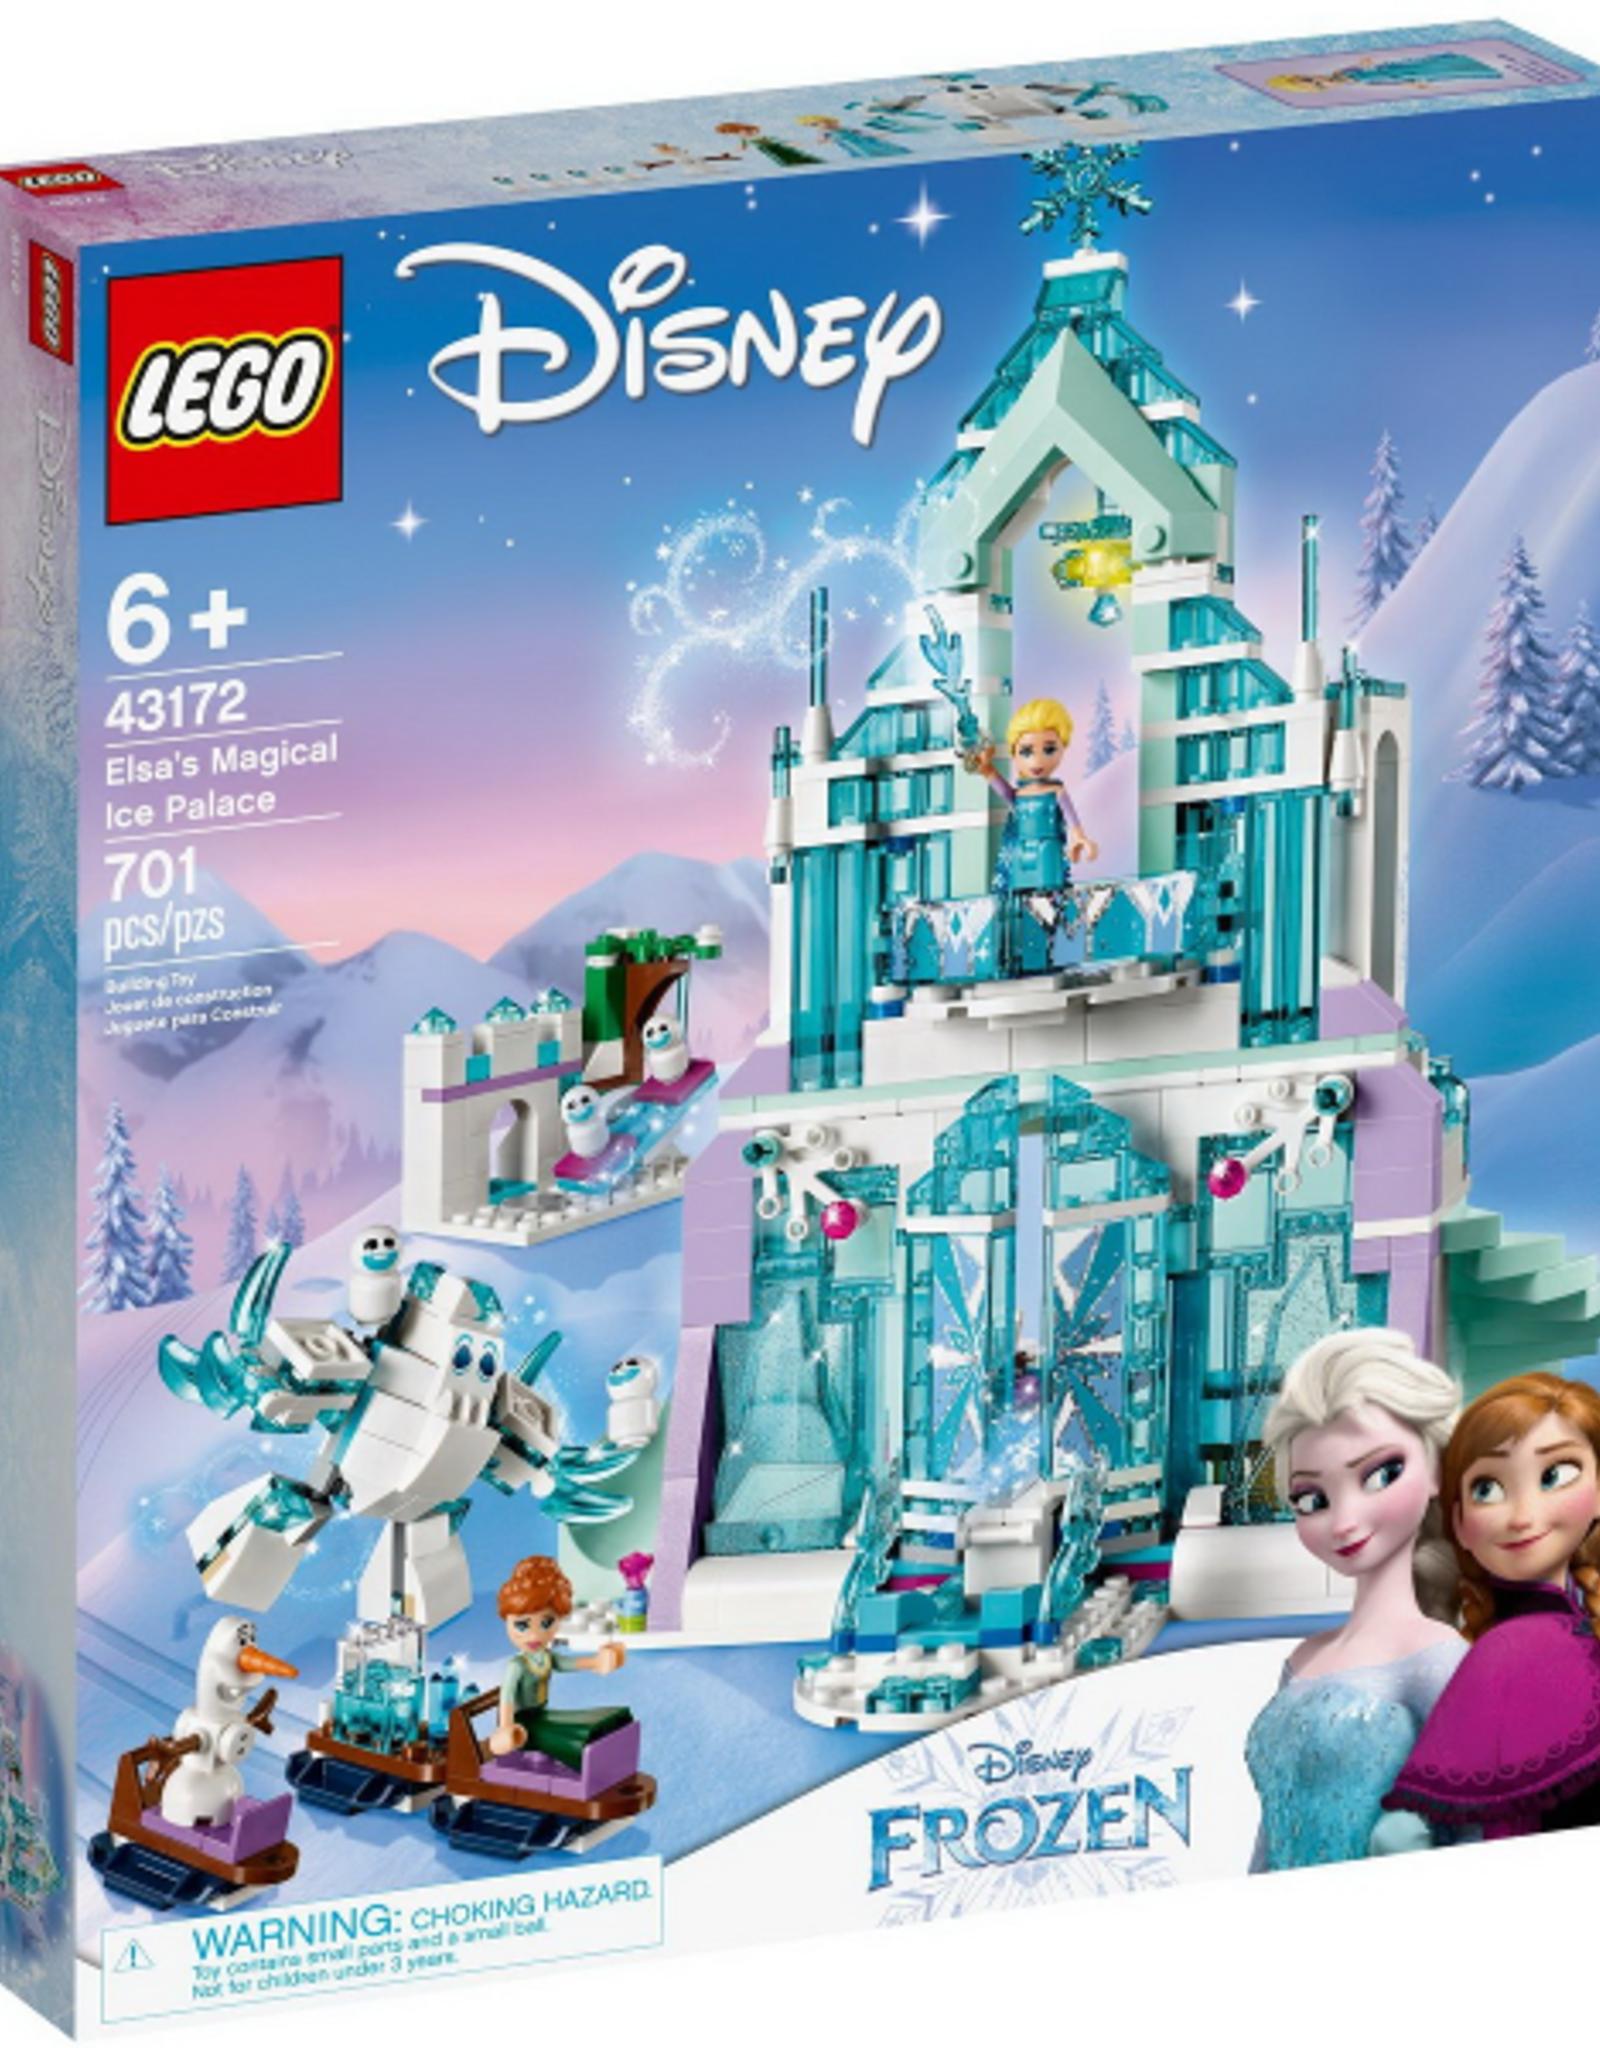 LEGO LEGO 43172 Elsa's Magical Ice Palace FROZEN